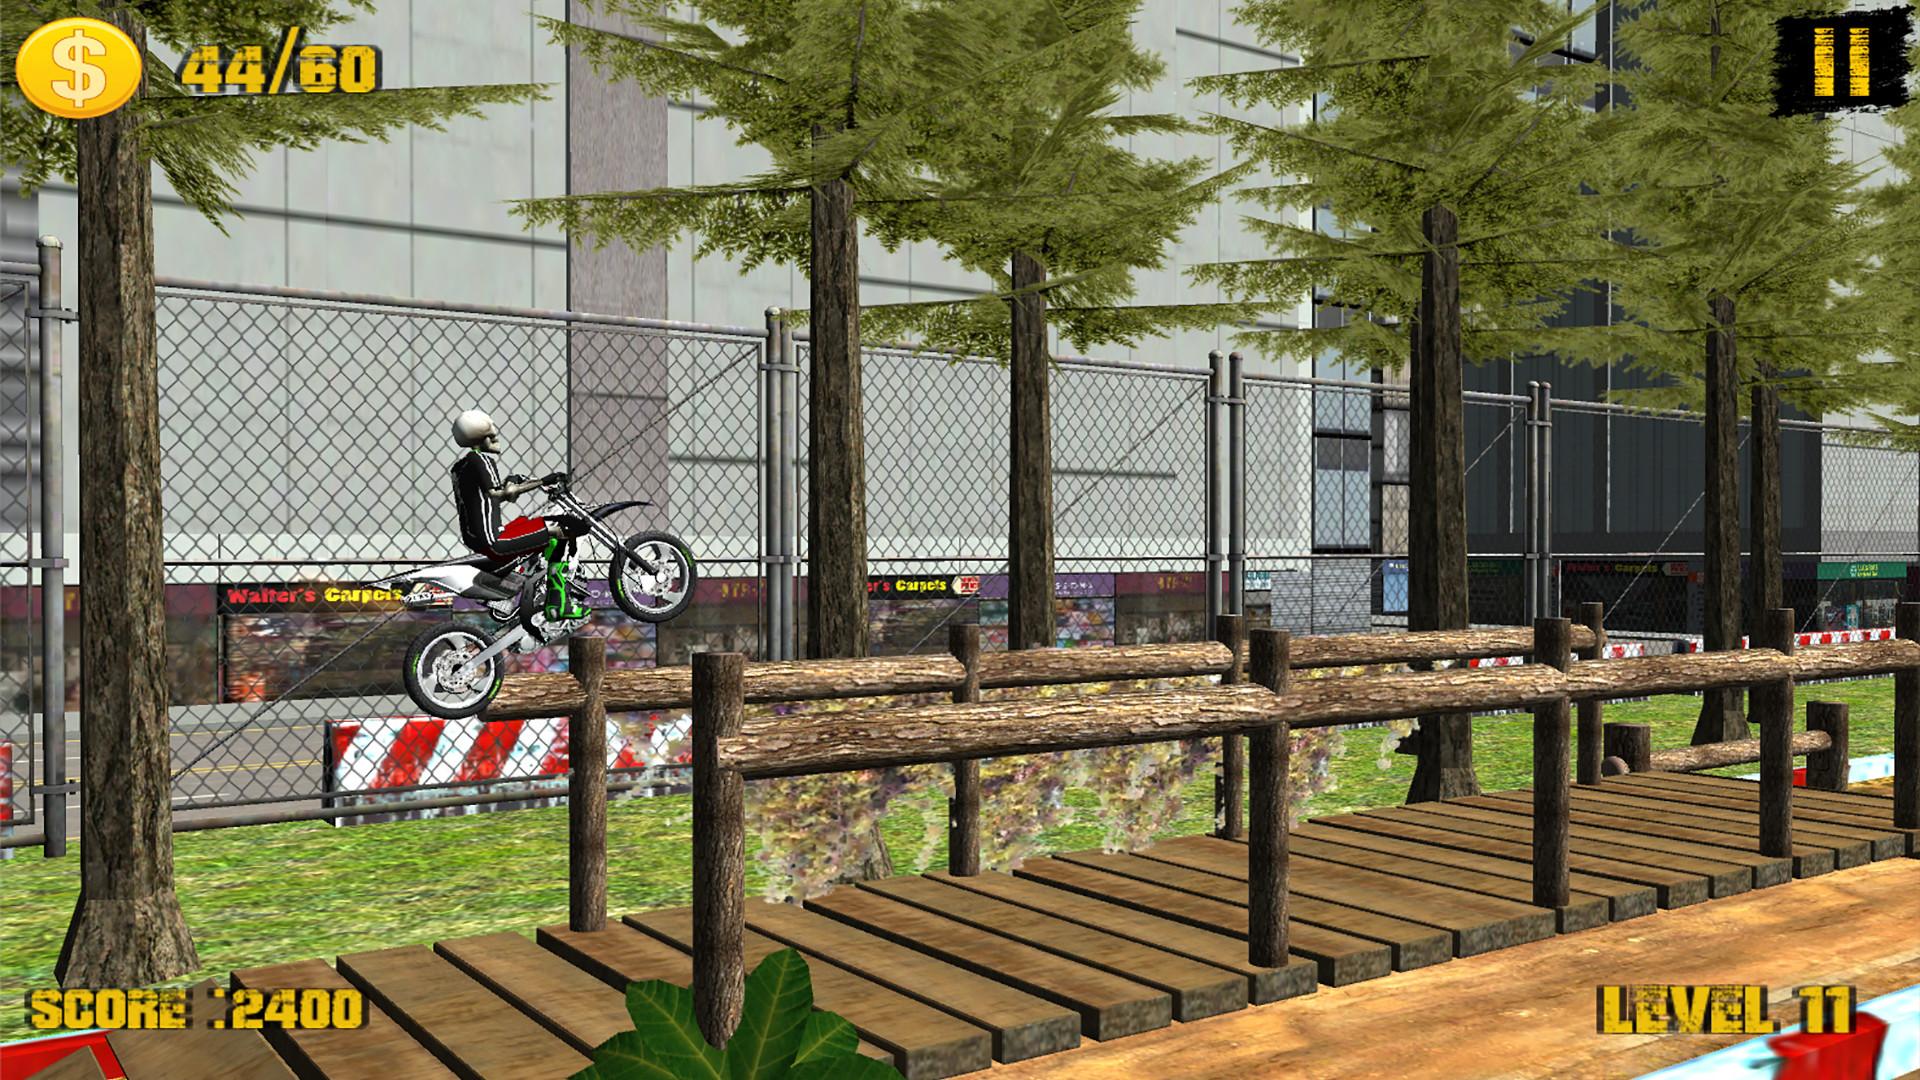 摩托车越野特技图片